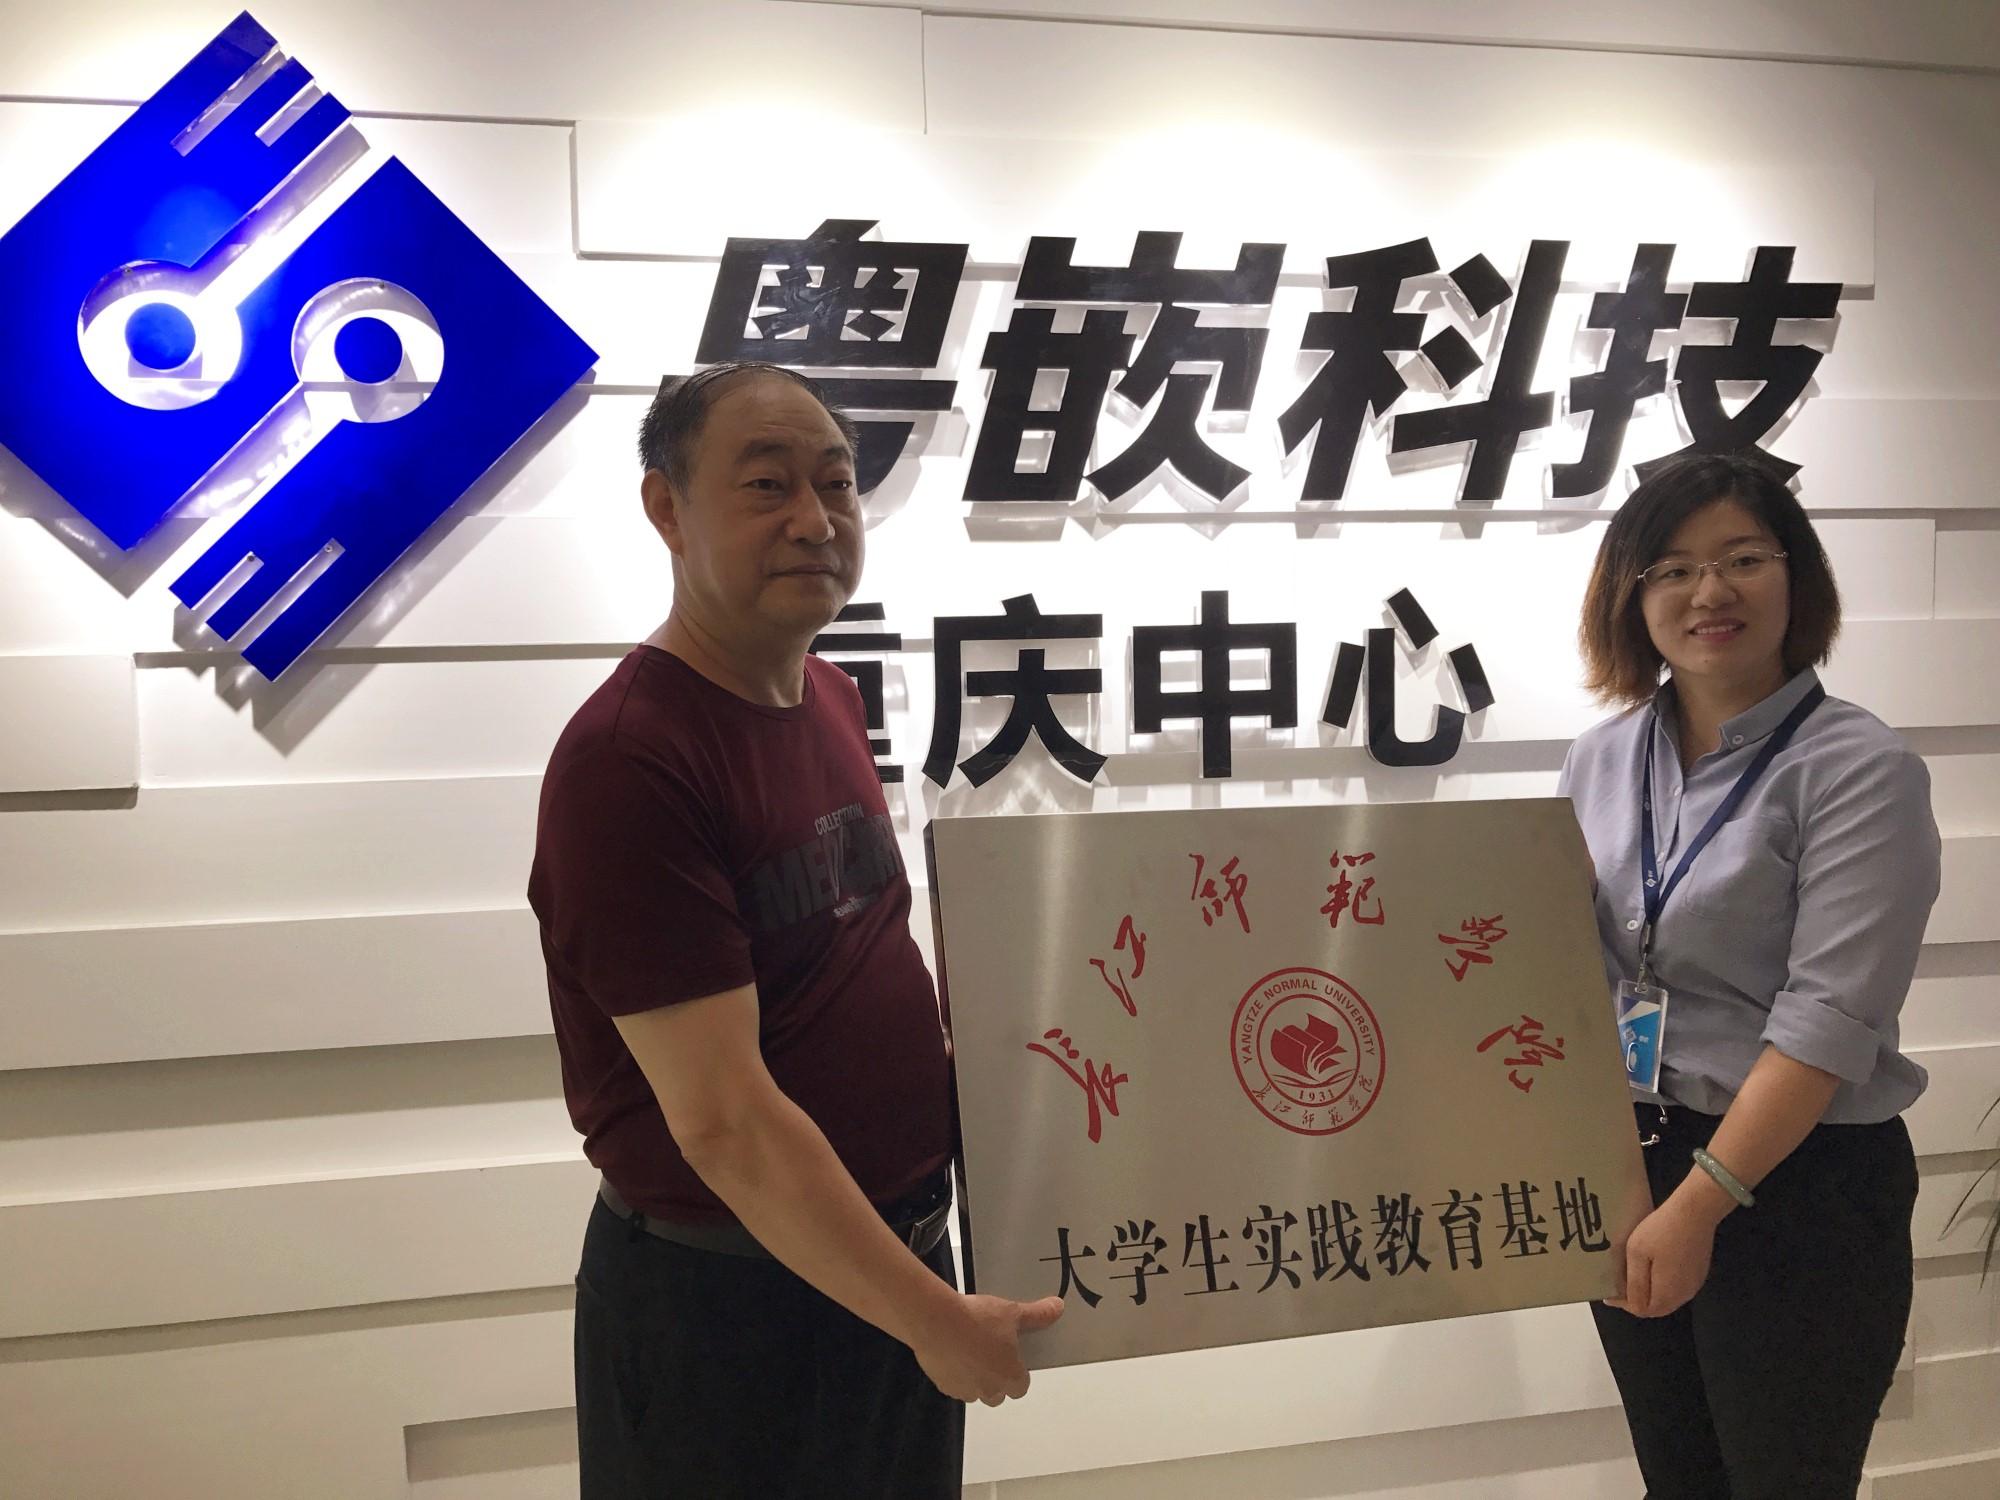 长江师范学院领导莅临重庆粤嵌考察学生学习情况